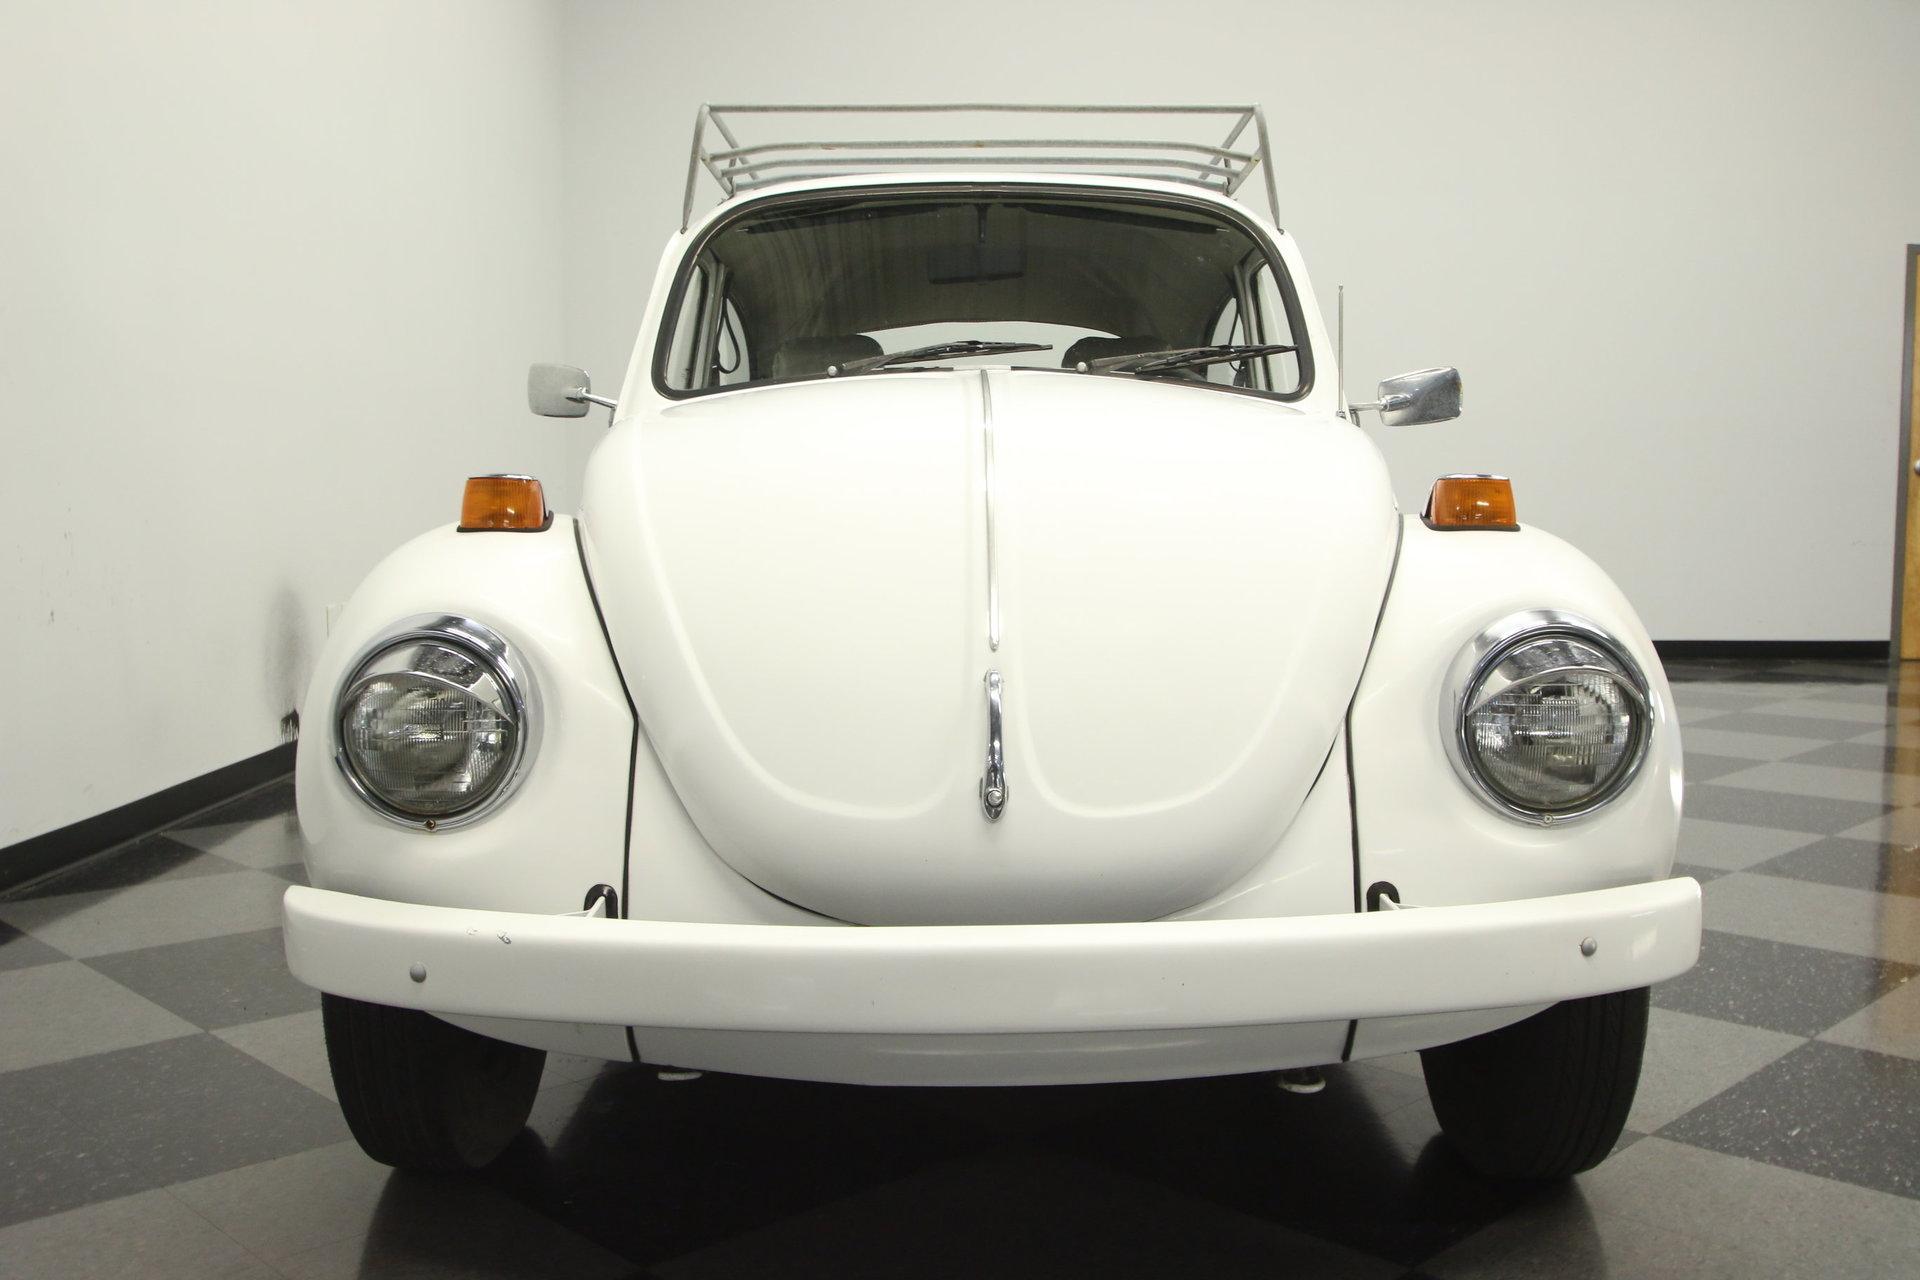 1971 Volkswagen Super Beetle Berlin Motors Vdo Gauge Wiring In A For Sale